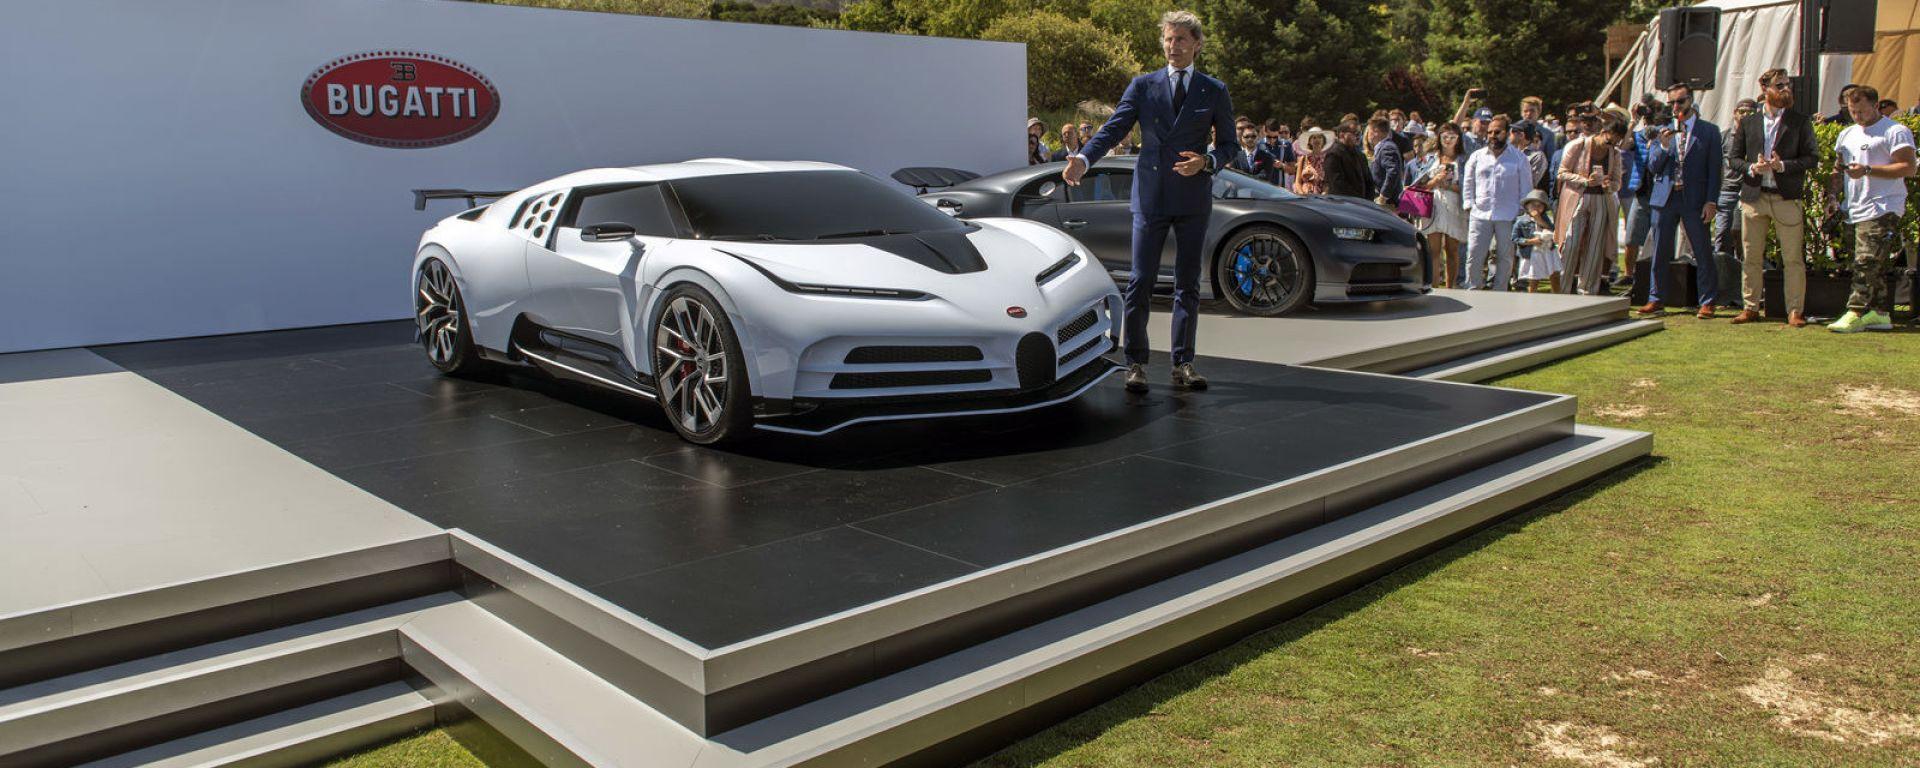 Bugatti Centodieci svelata a Pebble Beach